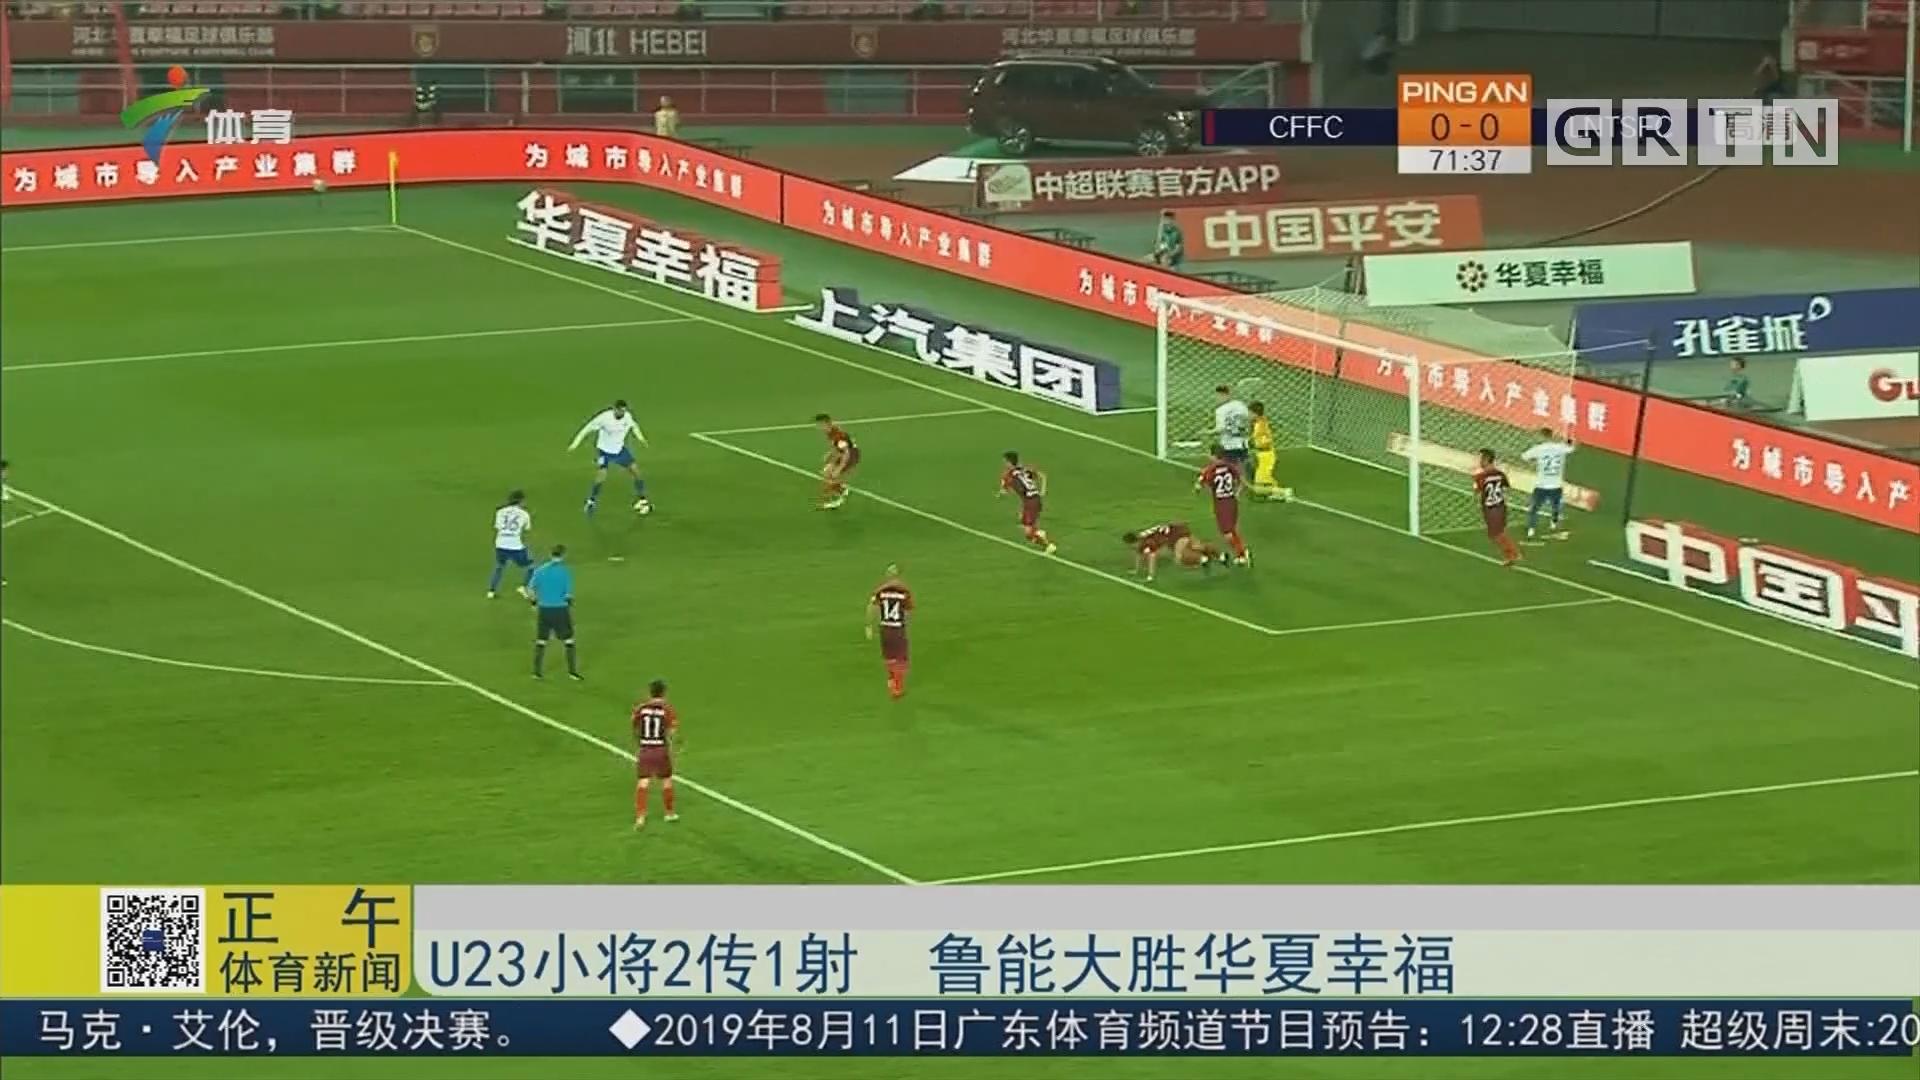 U23小将2传1射 鲁能大胜华夏幸福